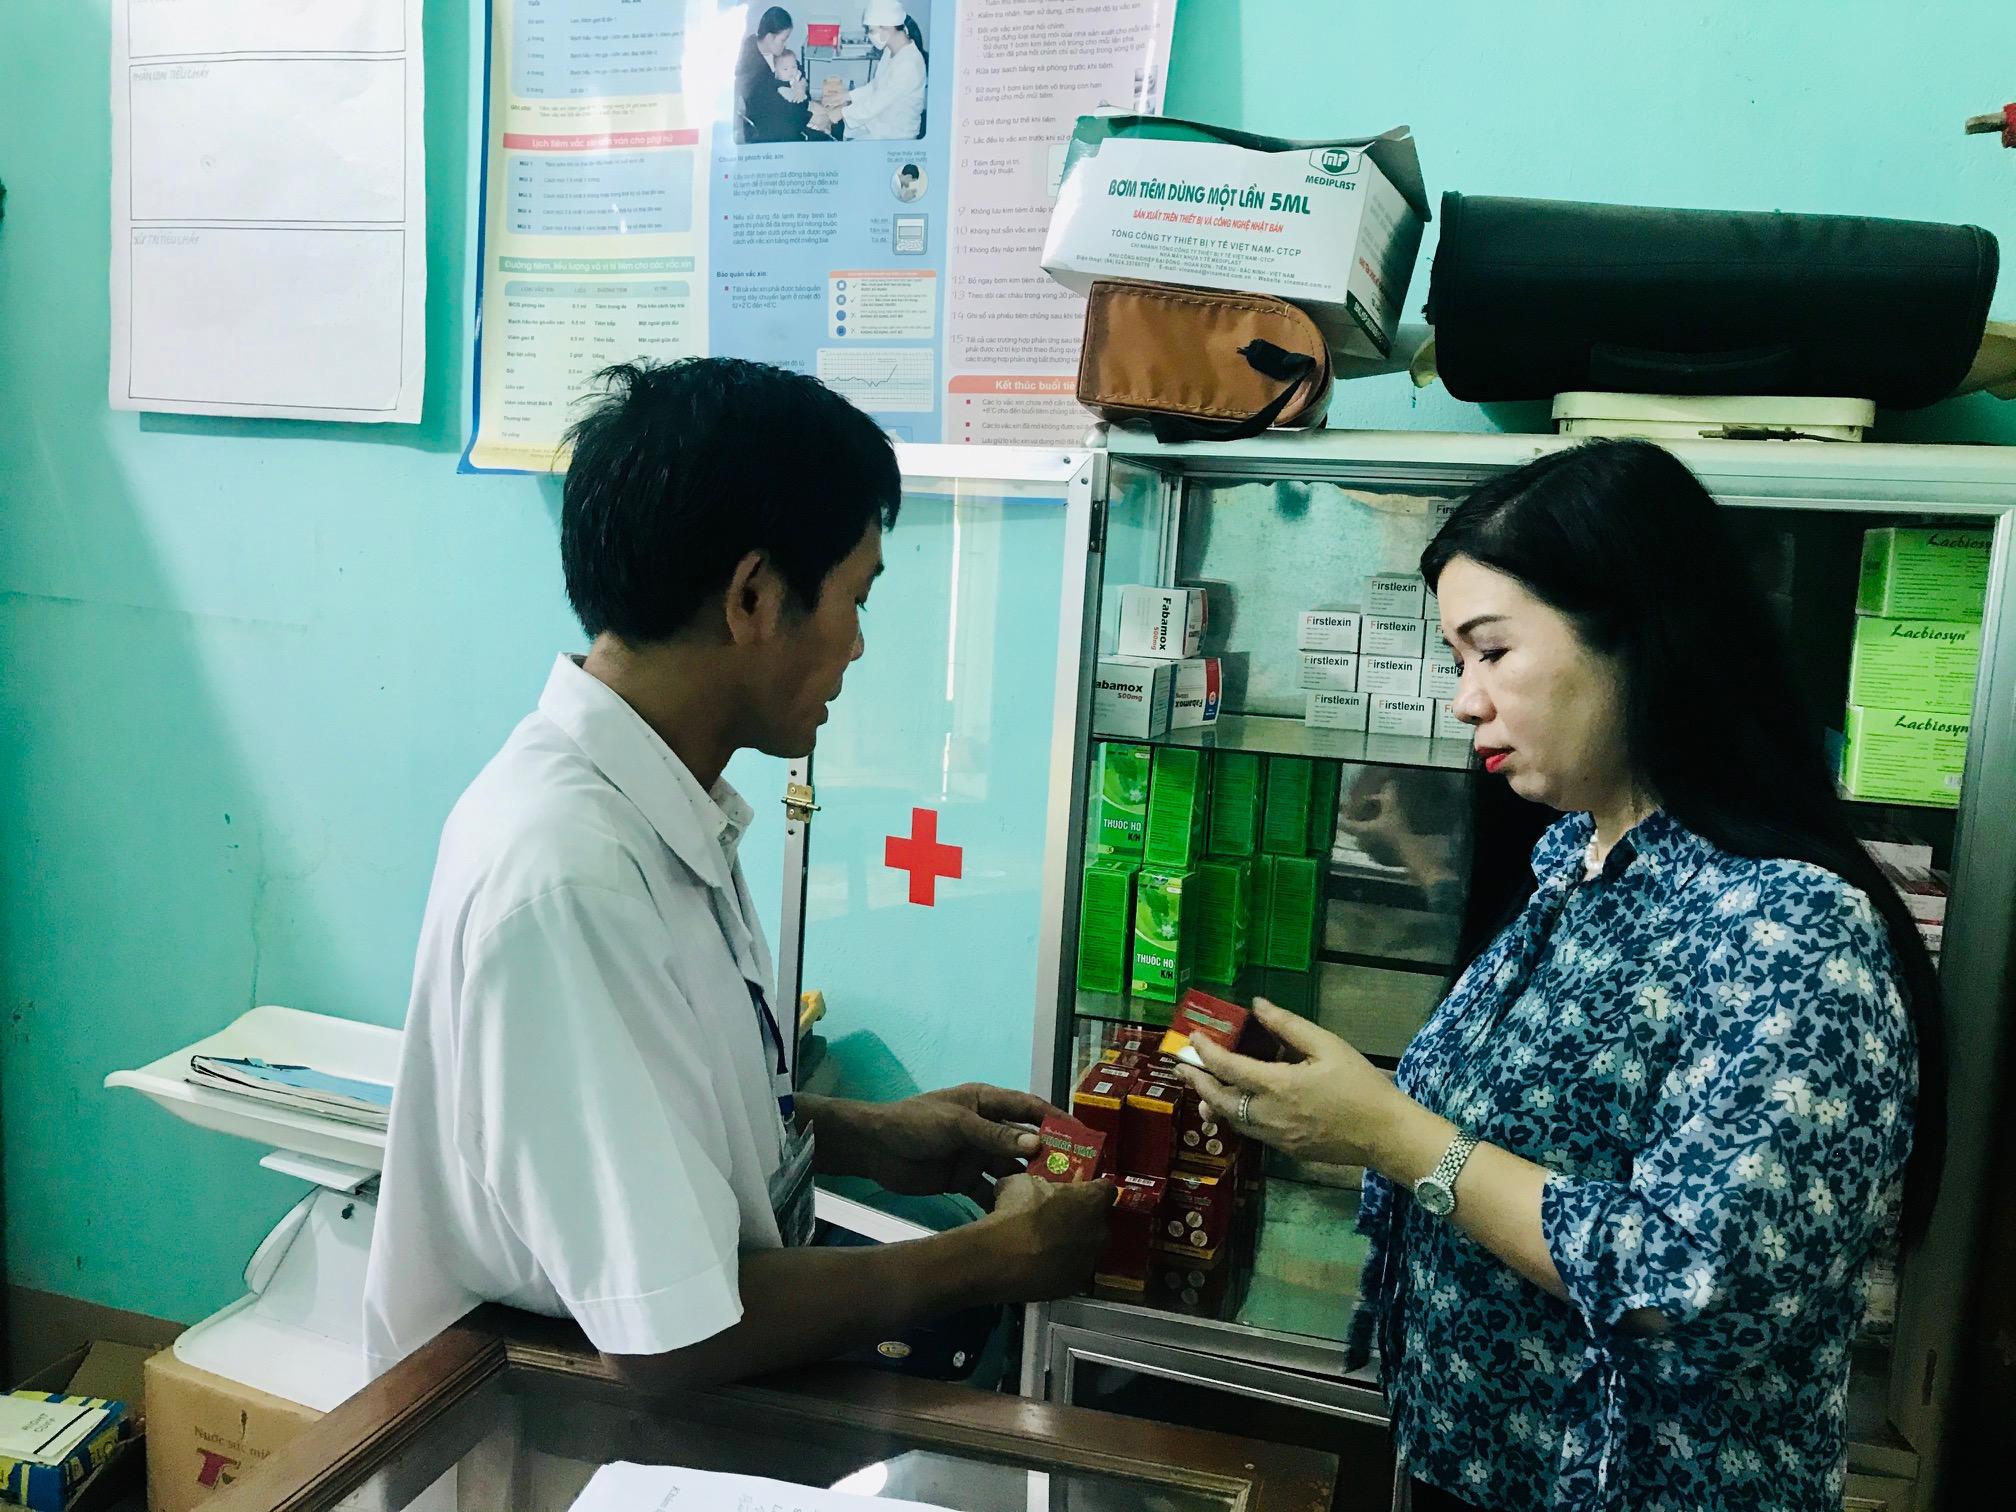 Tập trung hỗ trợ những vấn đề cốt lõi, ưu tiên hàng đầu để đổi mới hệ thống y tế cơ sở